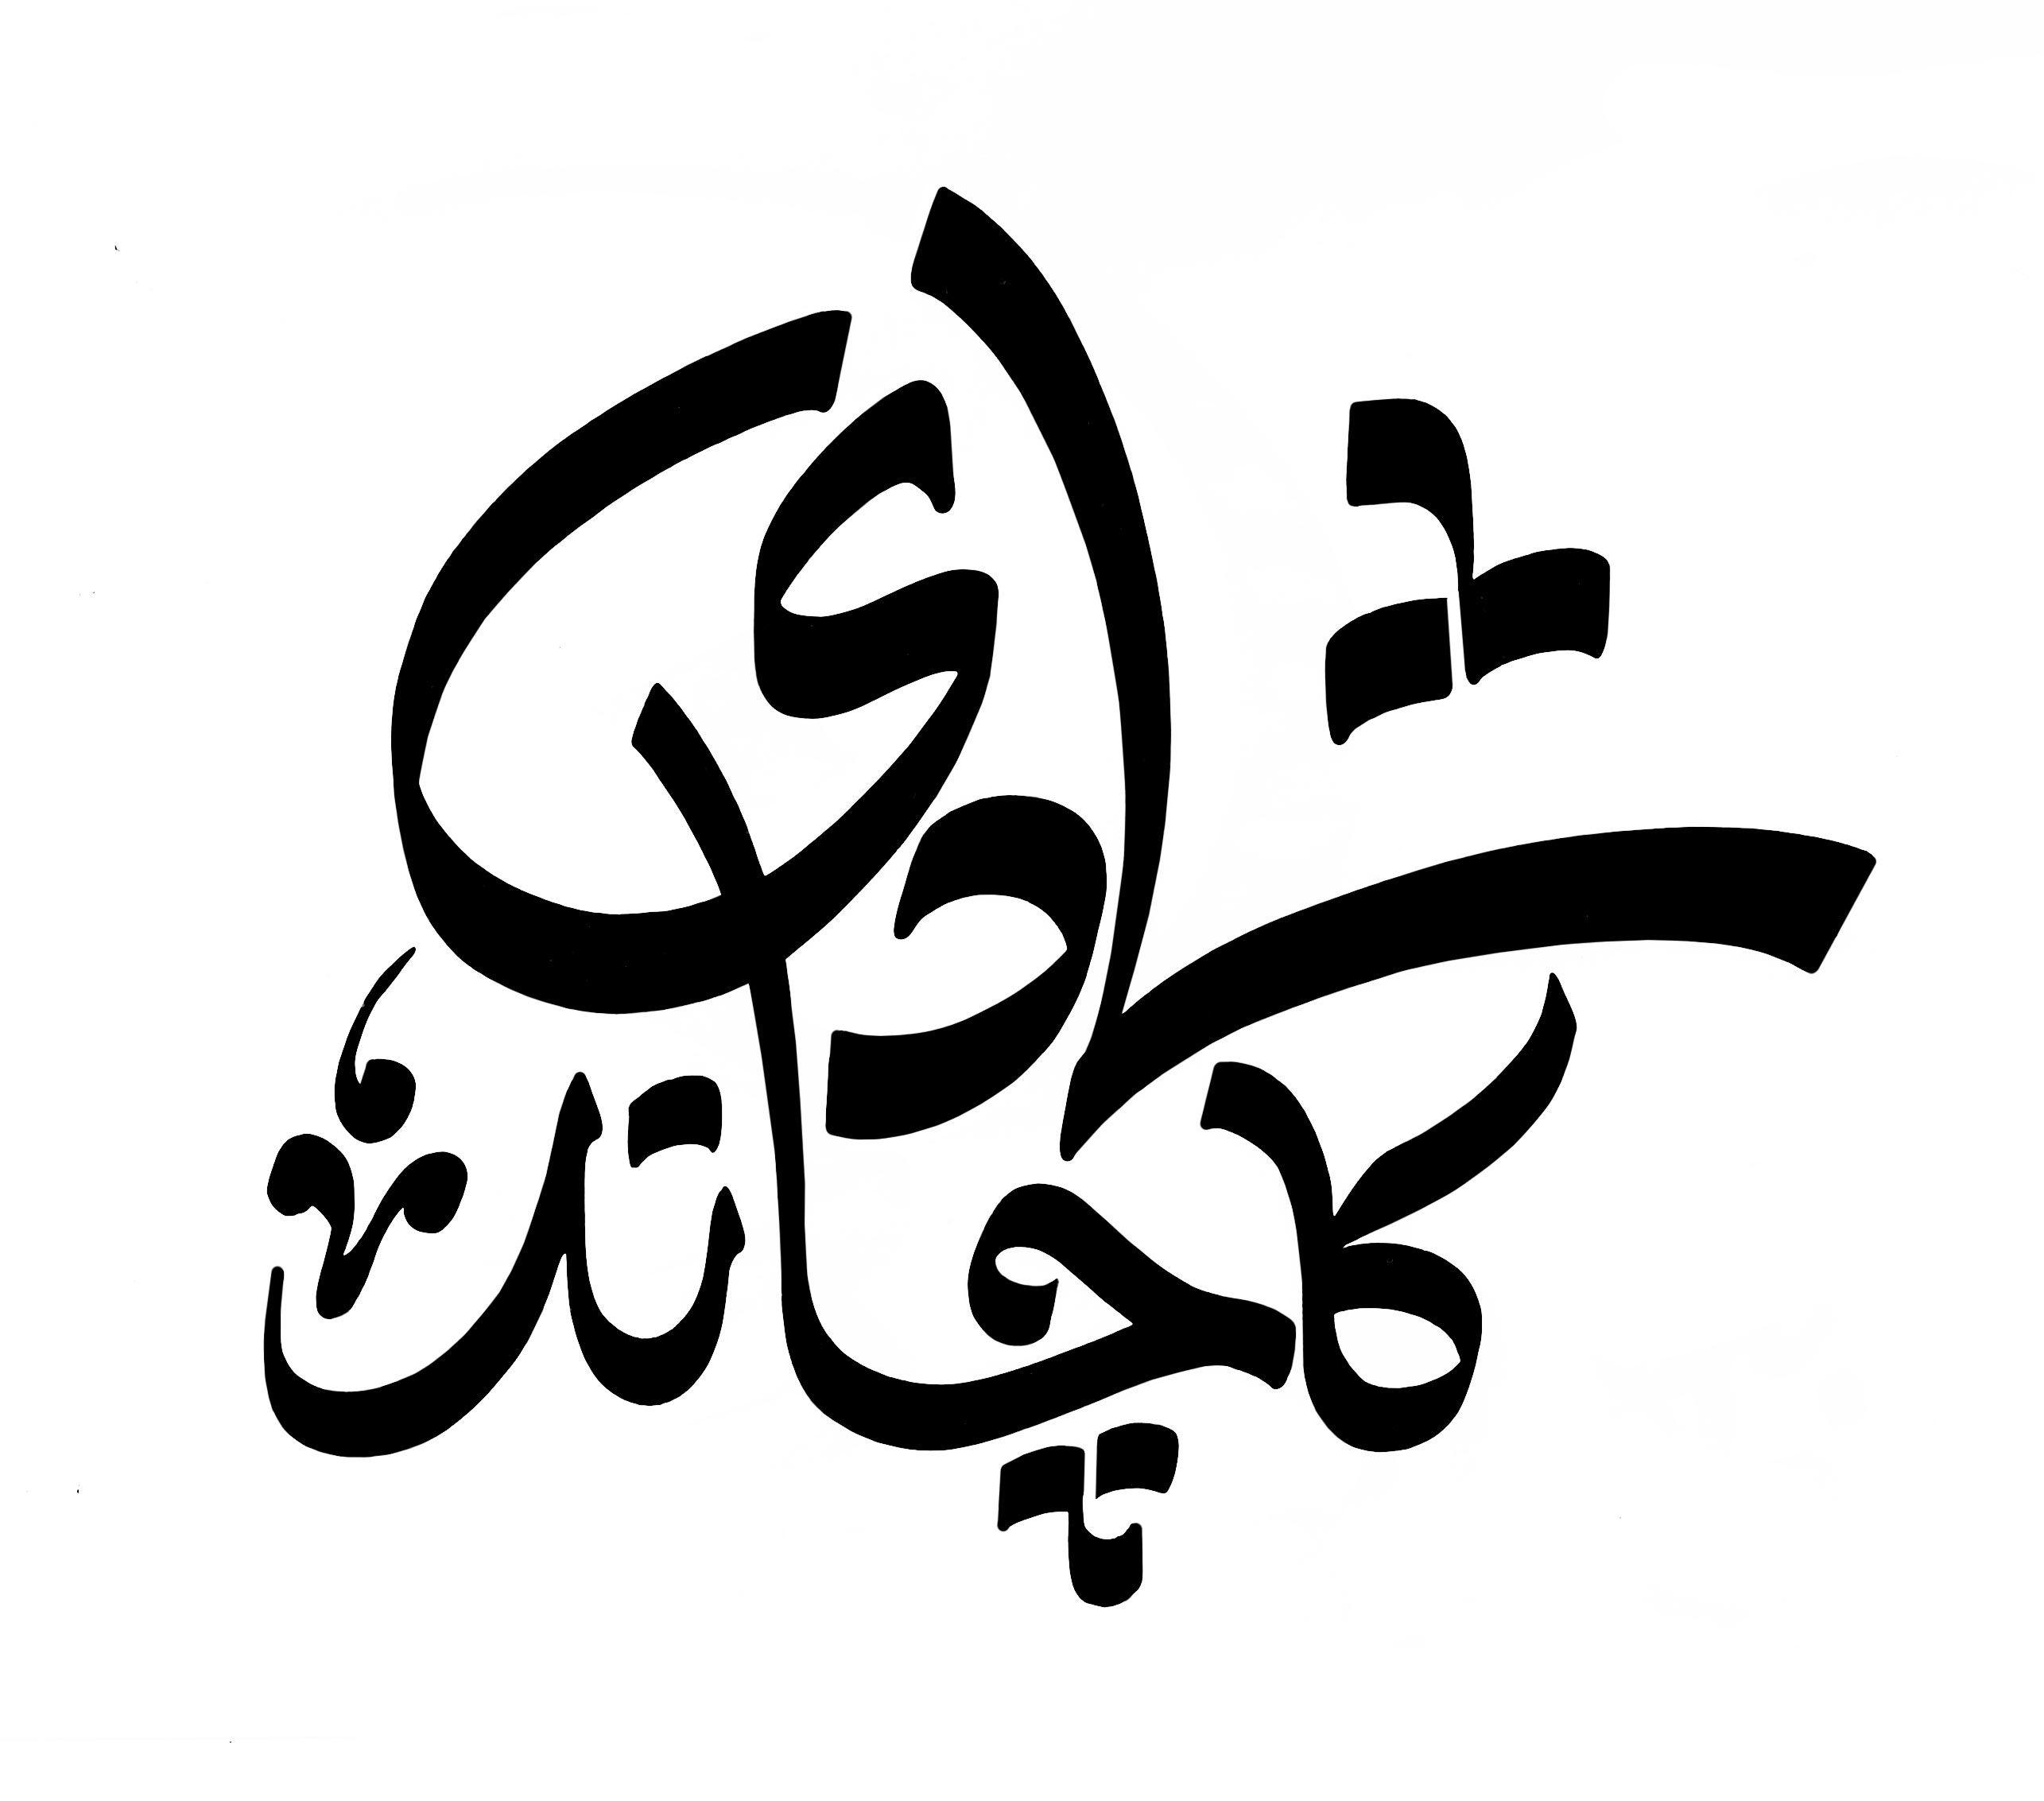 Javed Aslam S Calligraphy Shadi Calligraphy Typography